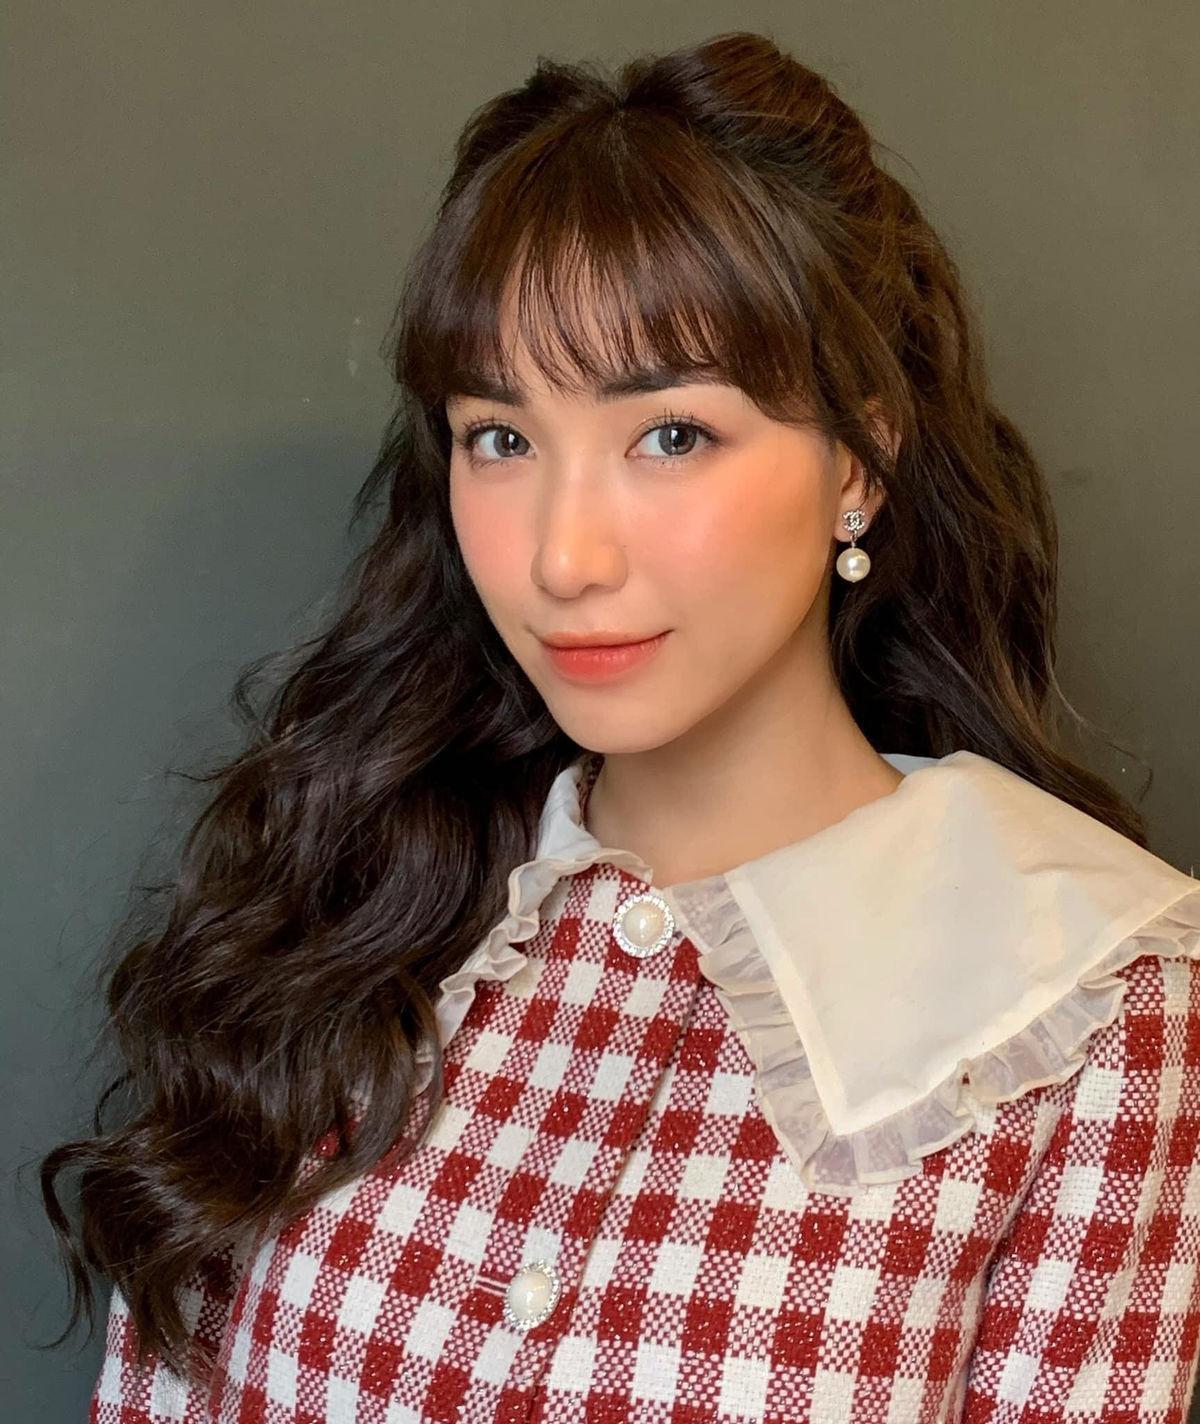 Hòa Minzy gây bất ngờ khi thông báo cho fan tin cực shock Ảnh 9